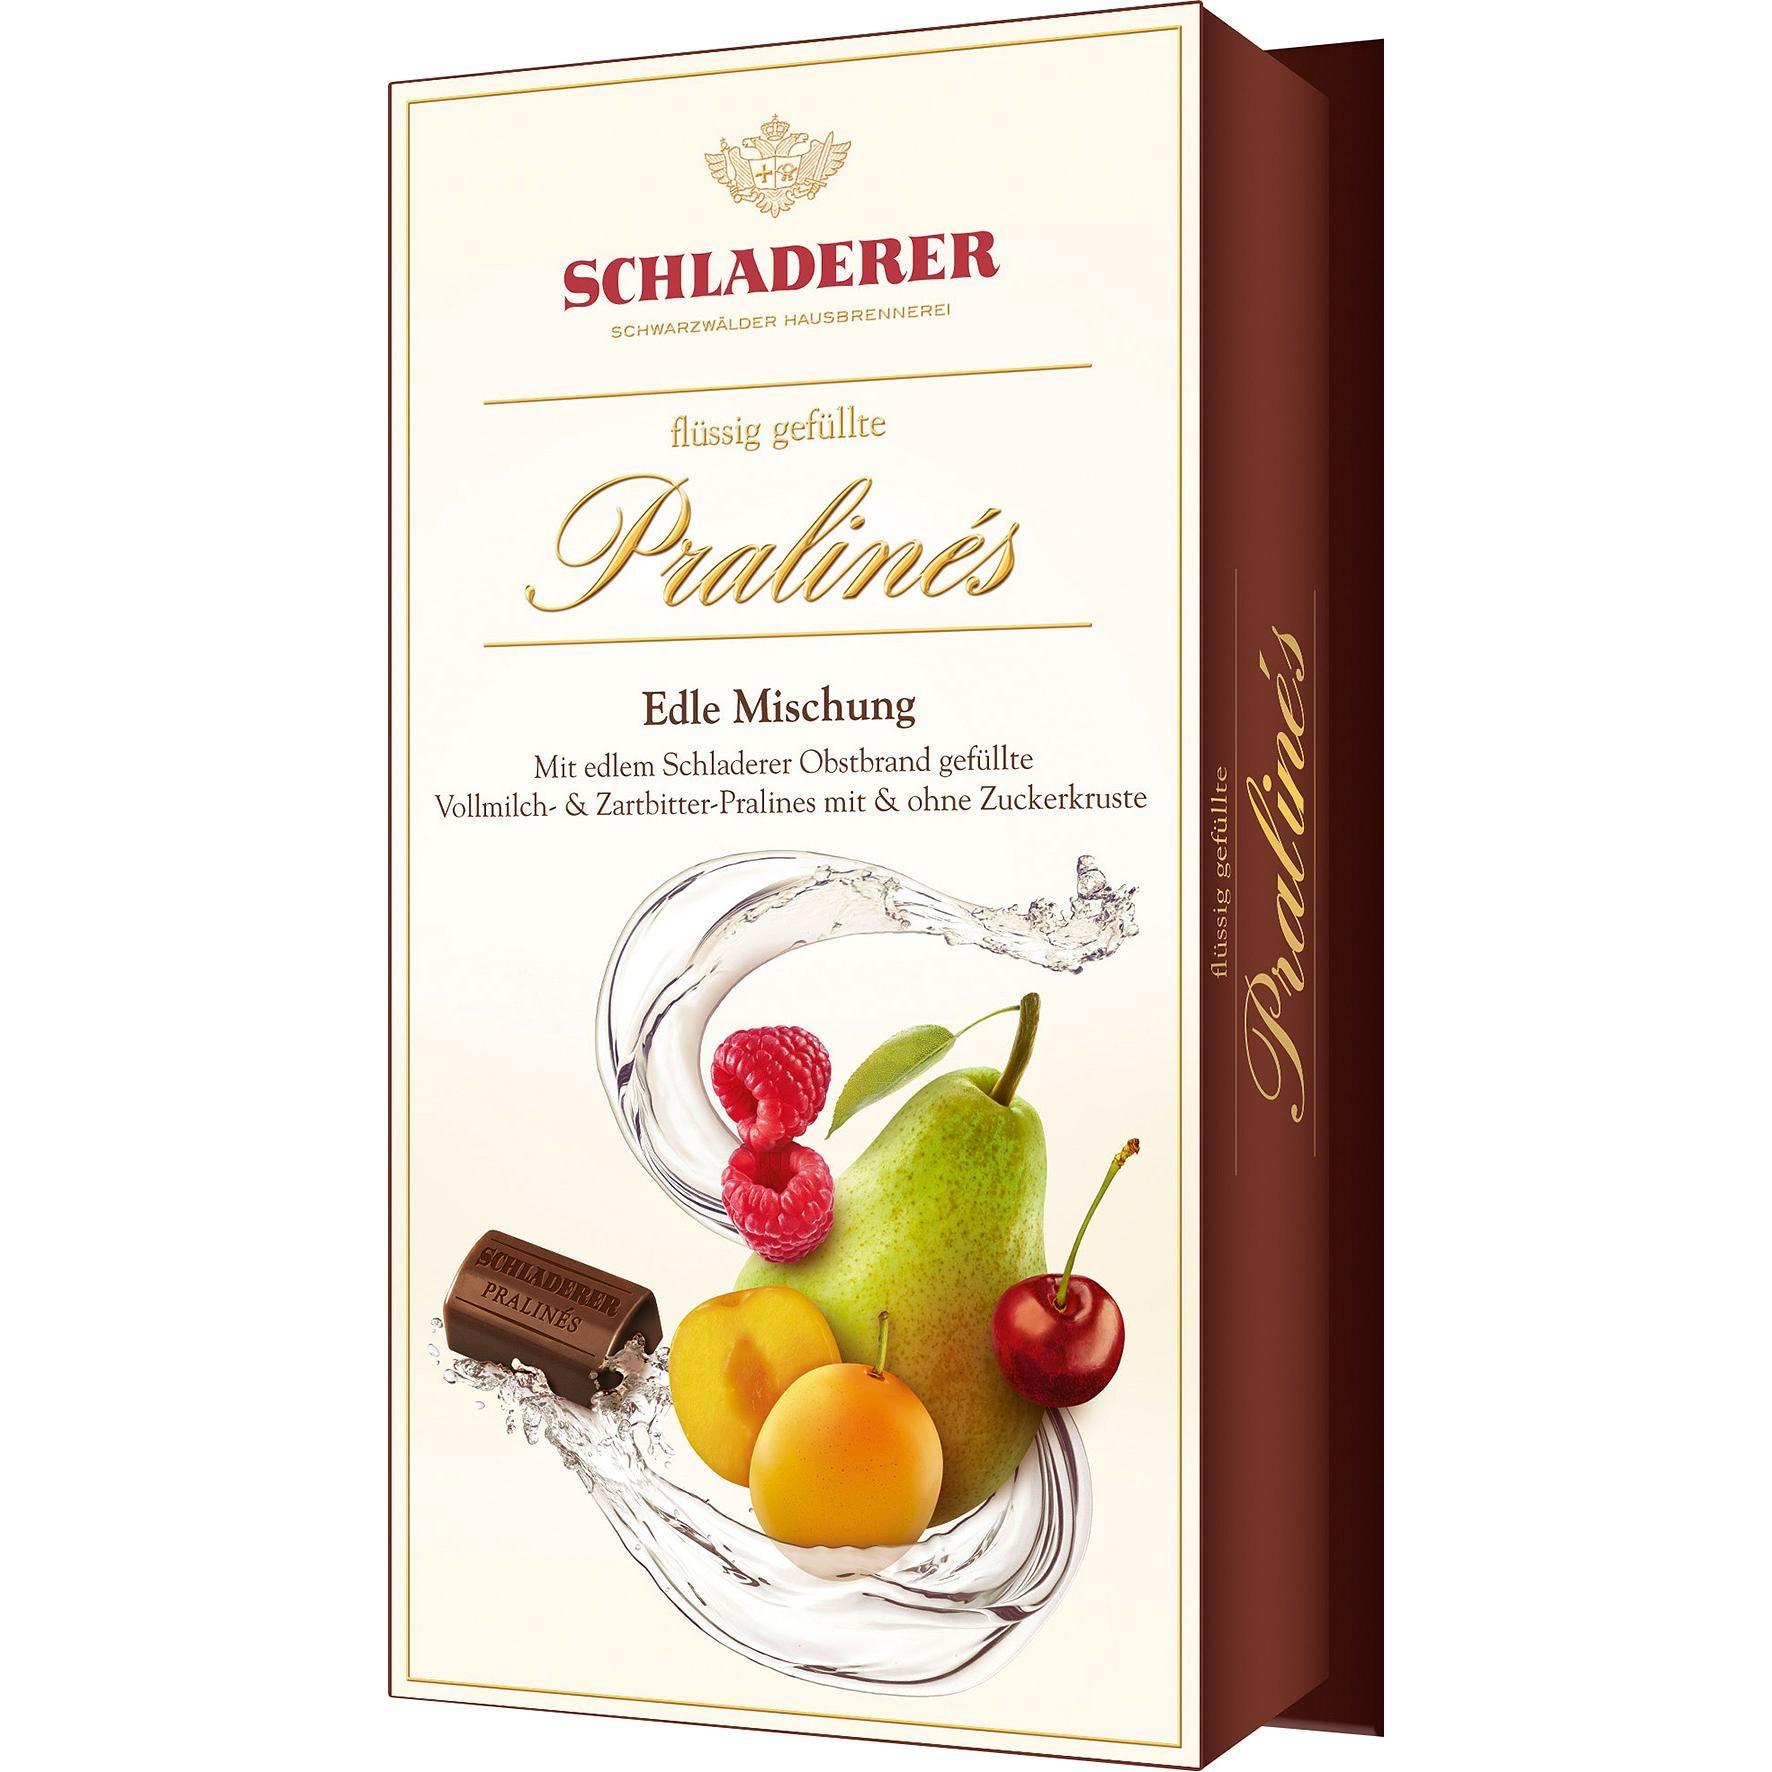 Schladerer Pralinés Edle Mischung Pralinen 12St/127g